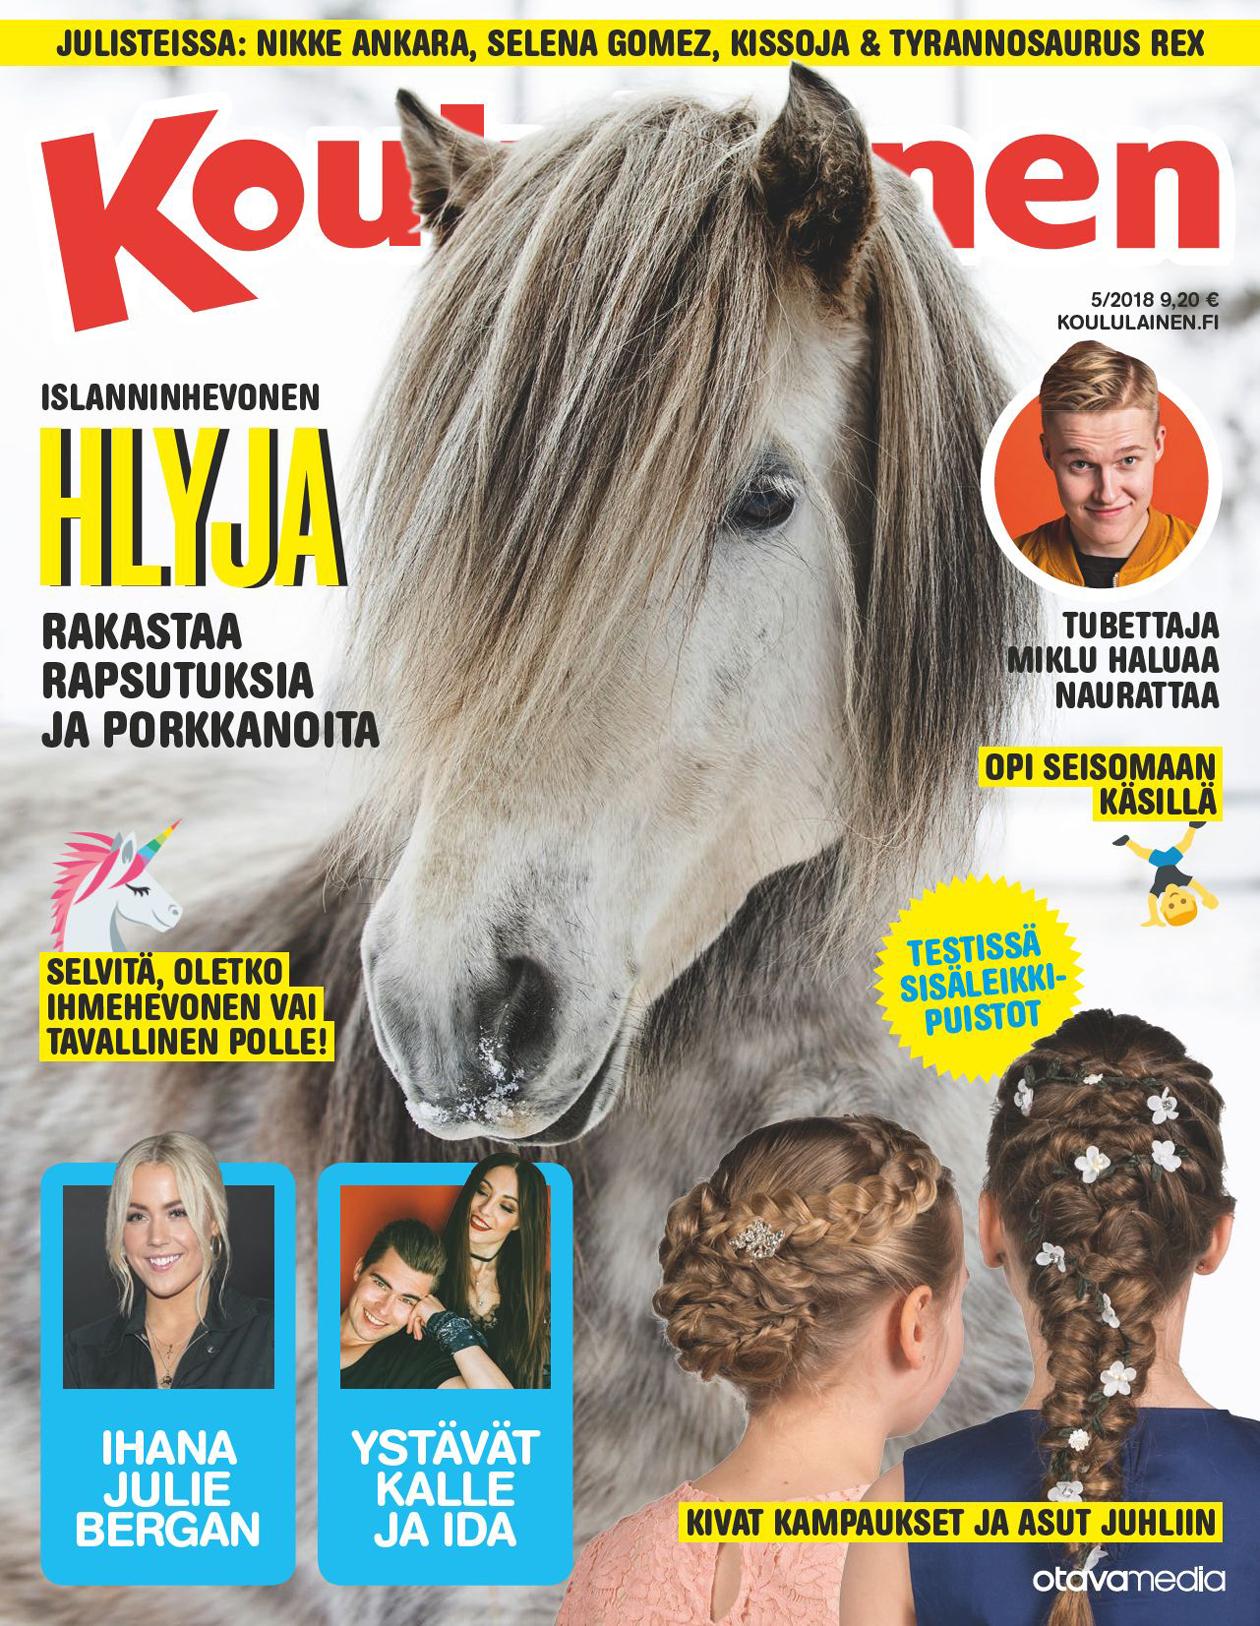 Koululaisen kannessa hevonen